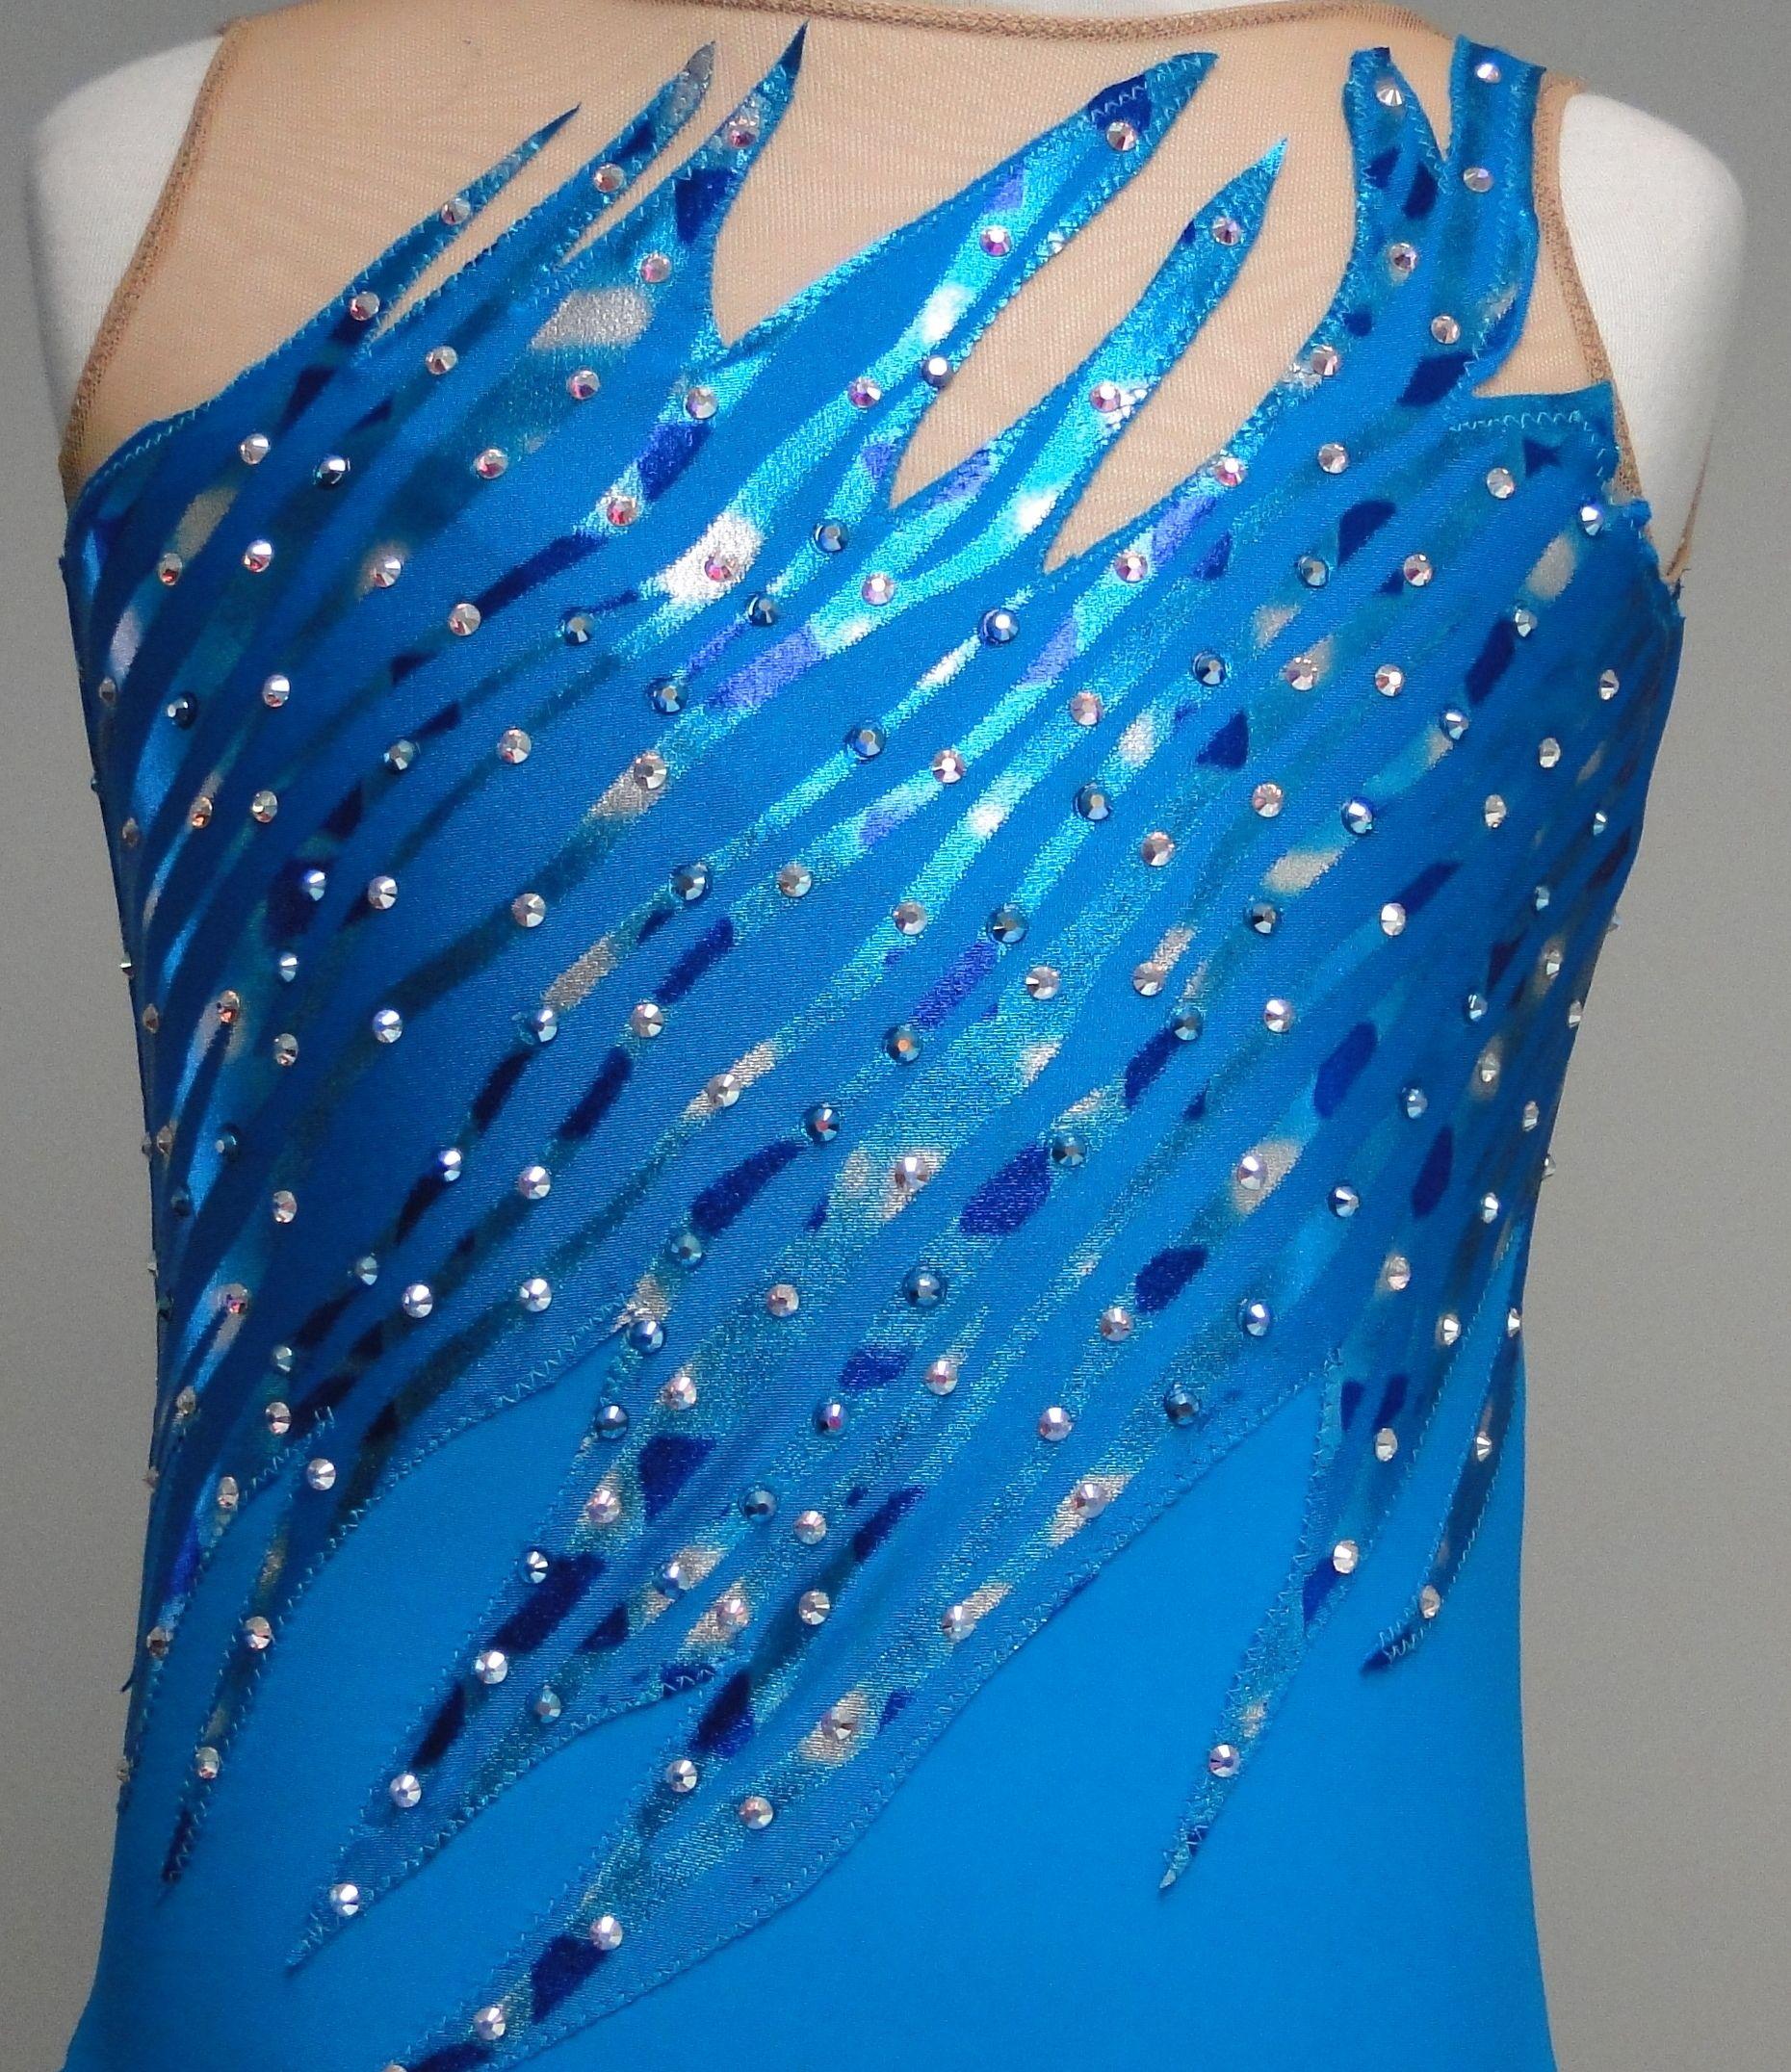 Sk8 Gr8 Design Custom Figure Skating Dress Turquoise